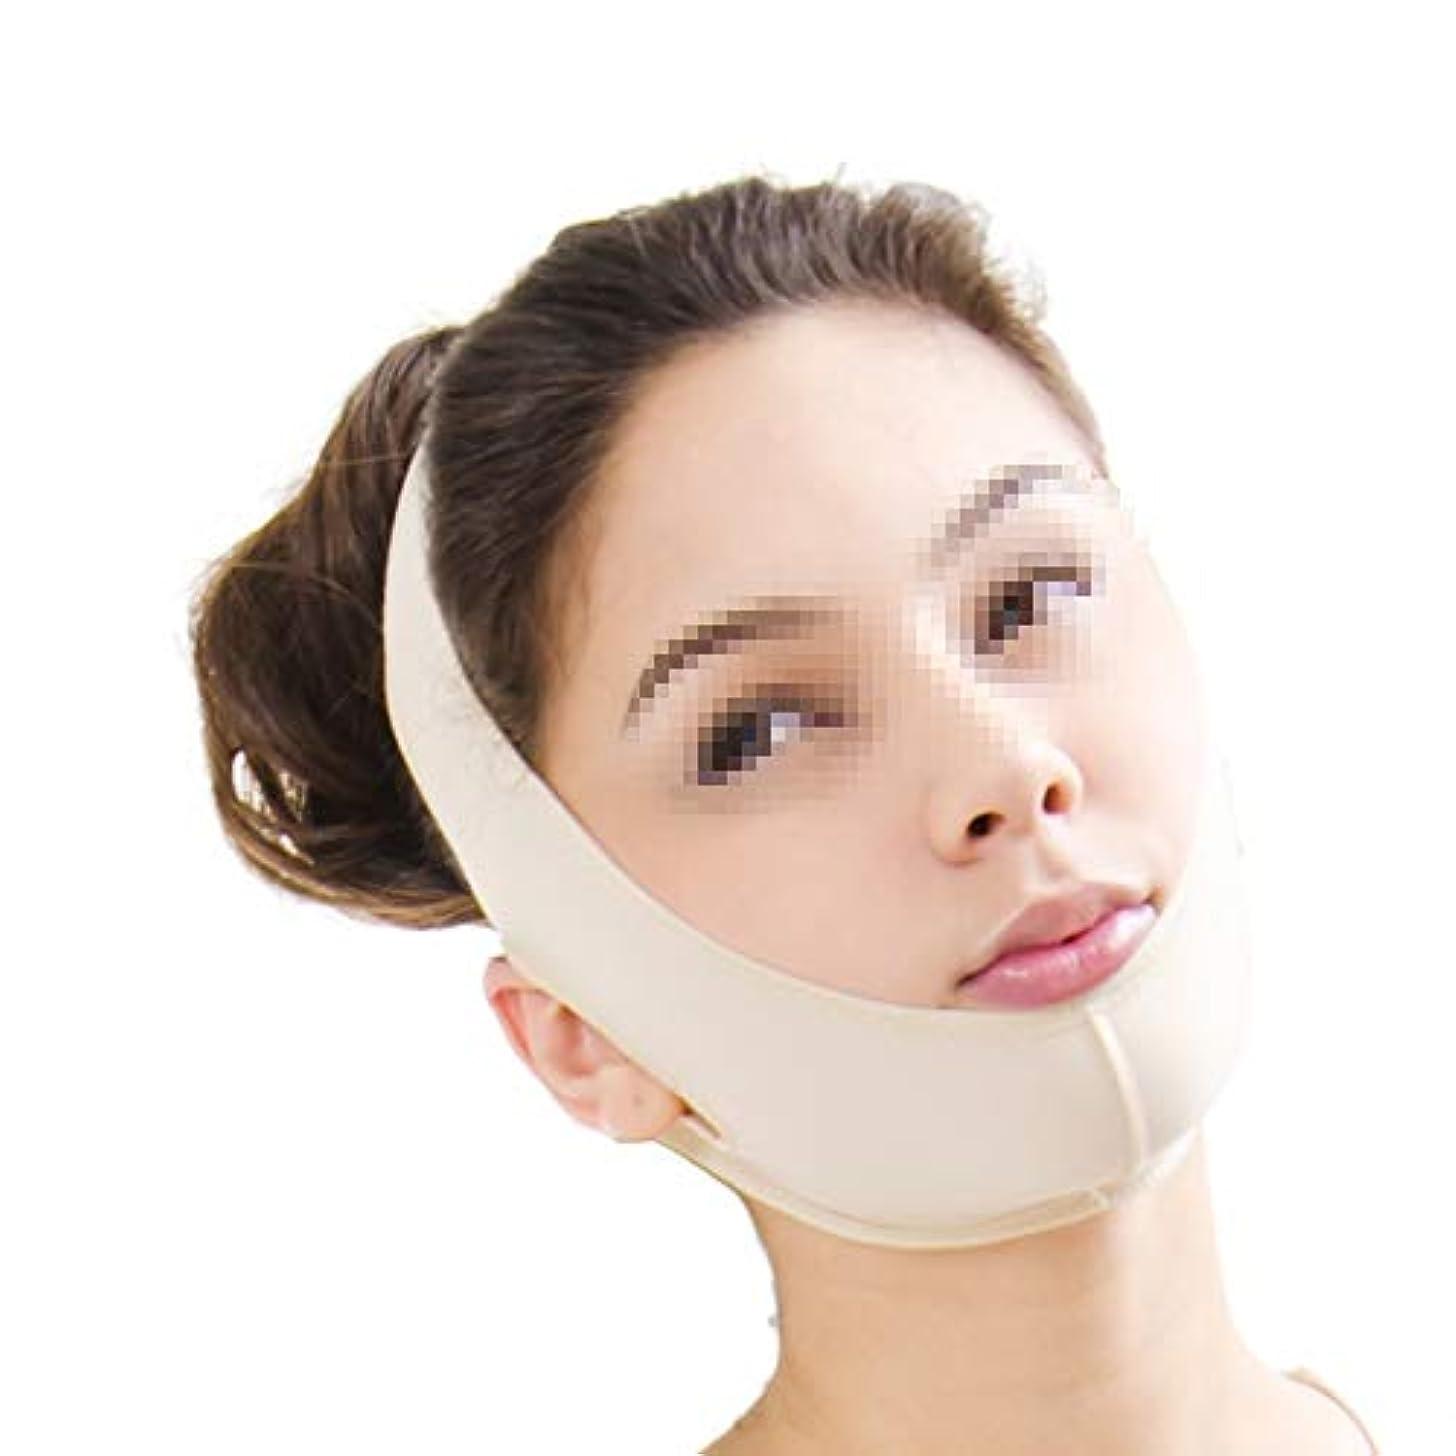 非公式クロススマイルXHLMRMJ フェイスリフトマスク、圧縮後の顎顔面二重あご化粧品脂肪吸引小さな顔包帯弾性ヘッドギア (Size : XL)